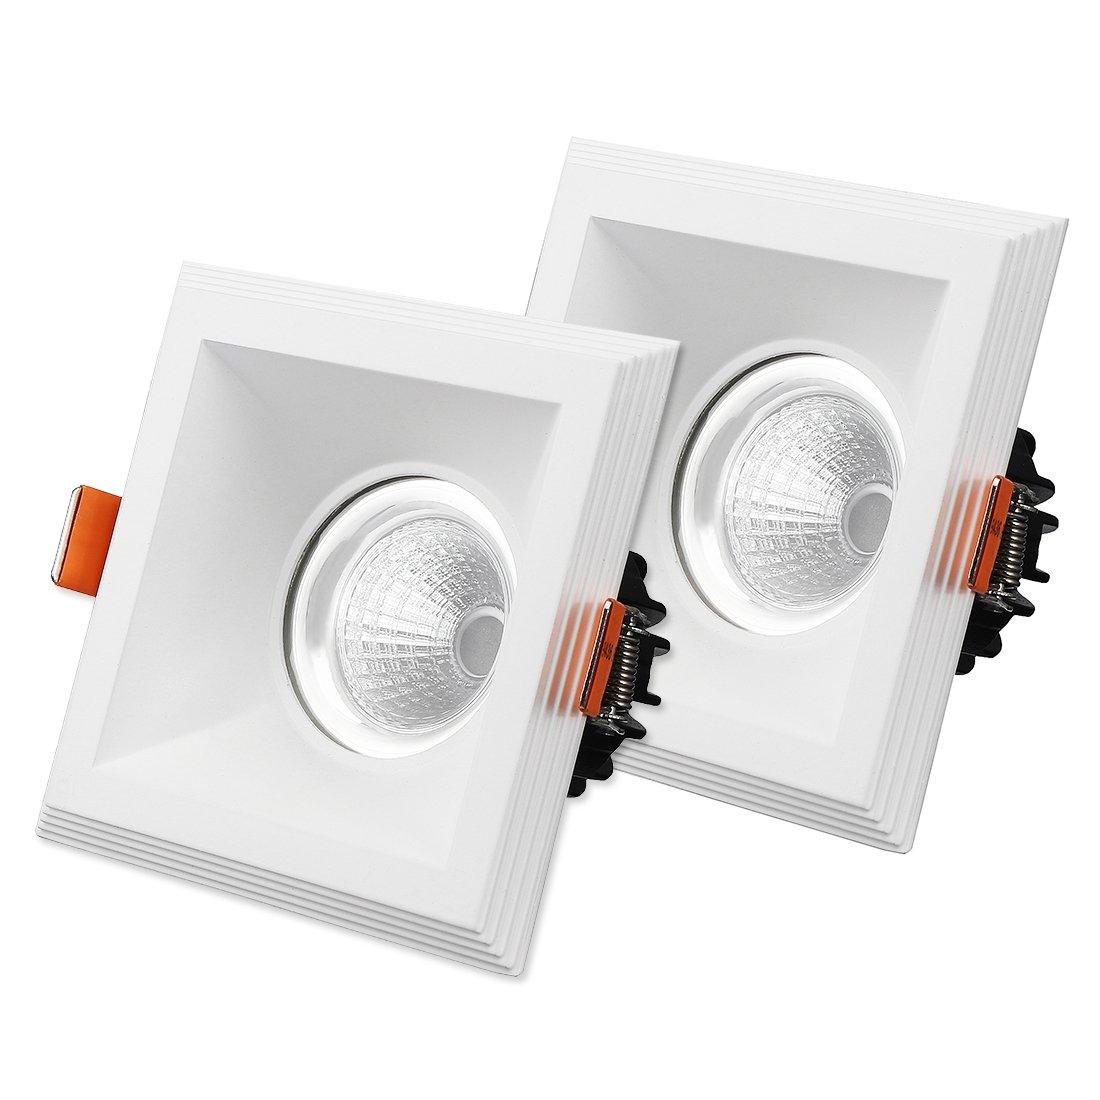 LED COB Deckeneinbauleuchte Scheinwerfer Lampe Schale 110mmx110mm Beleuchtungsbauteile Leuchtmittel sourcing map 2Stk